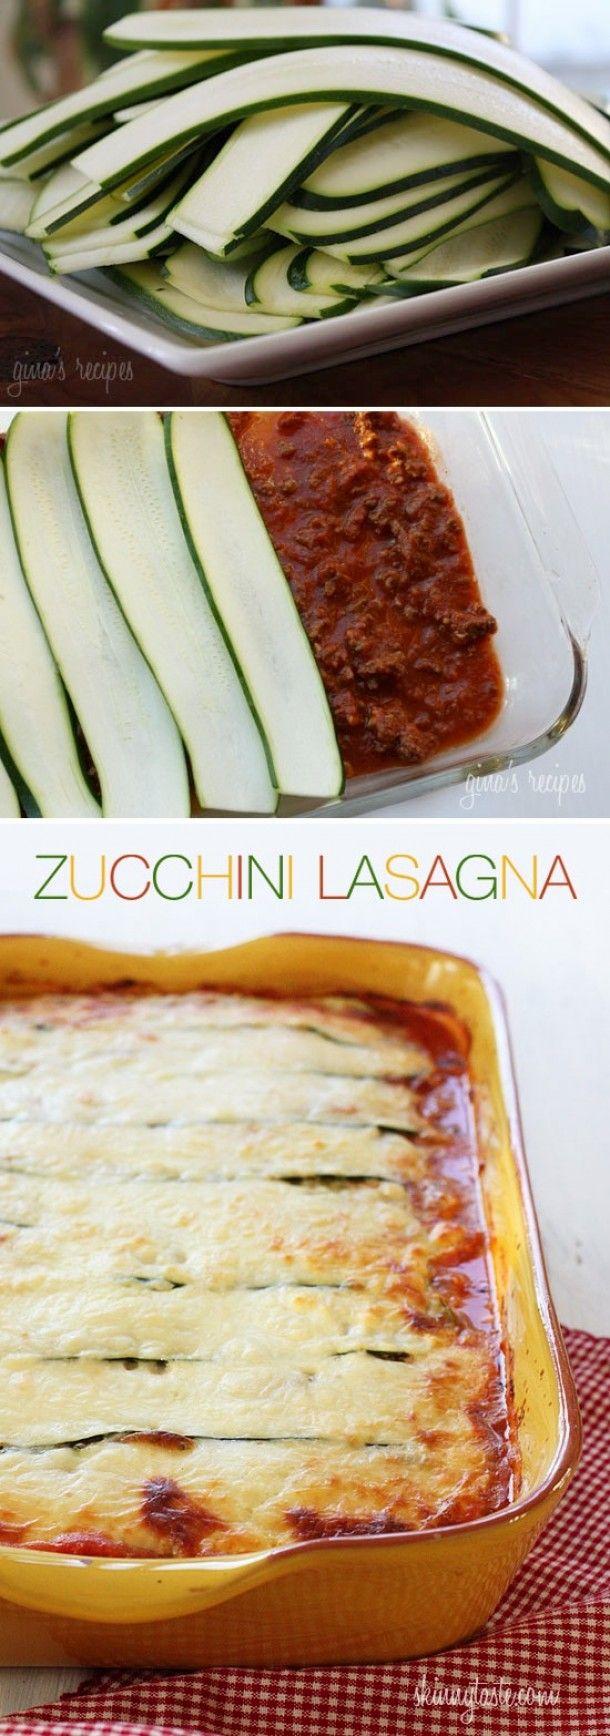 Lasagna zonder lasagnabladen maar met courgette Door HomebyLinda